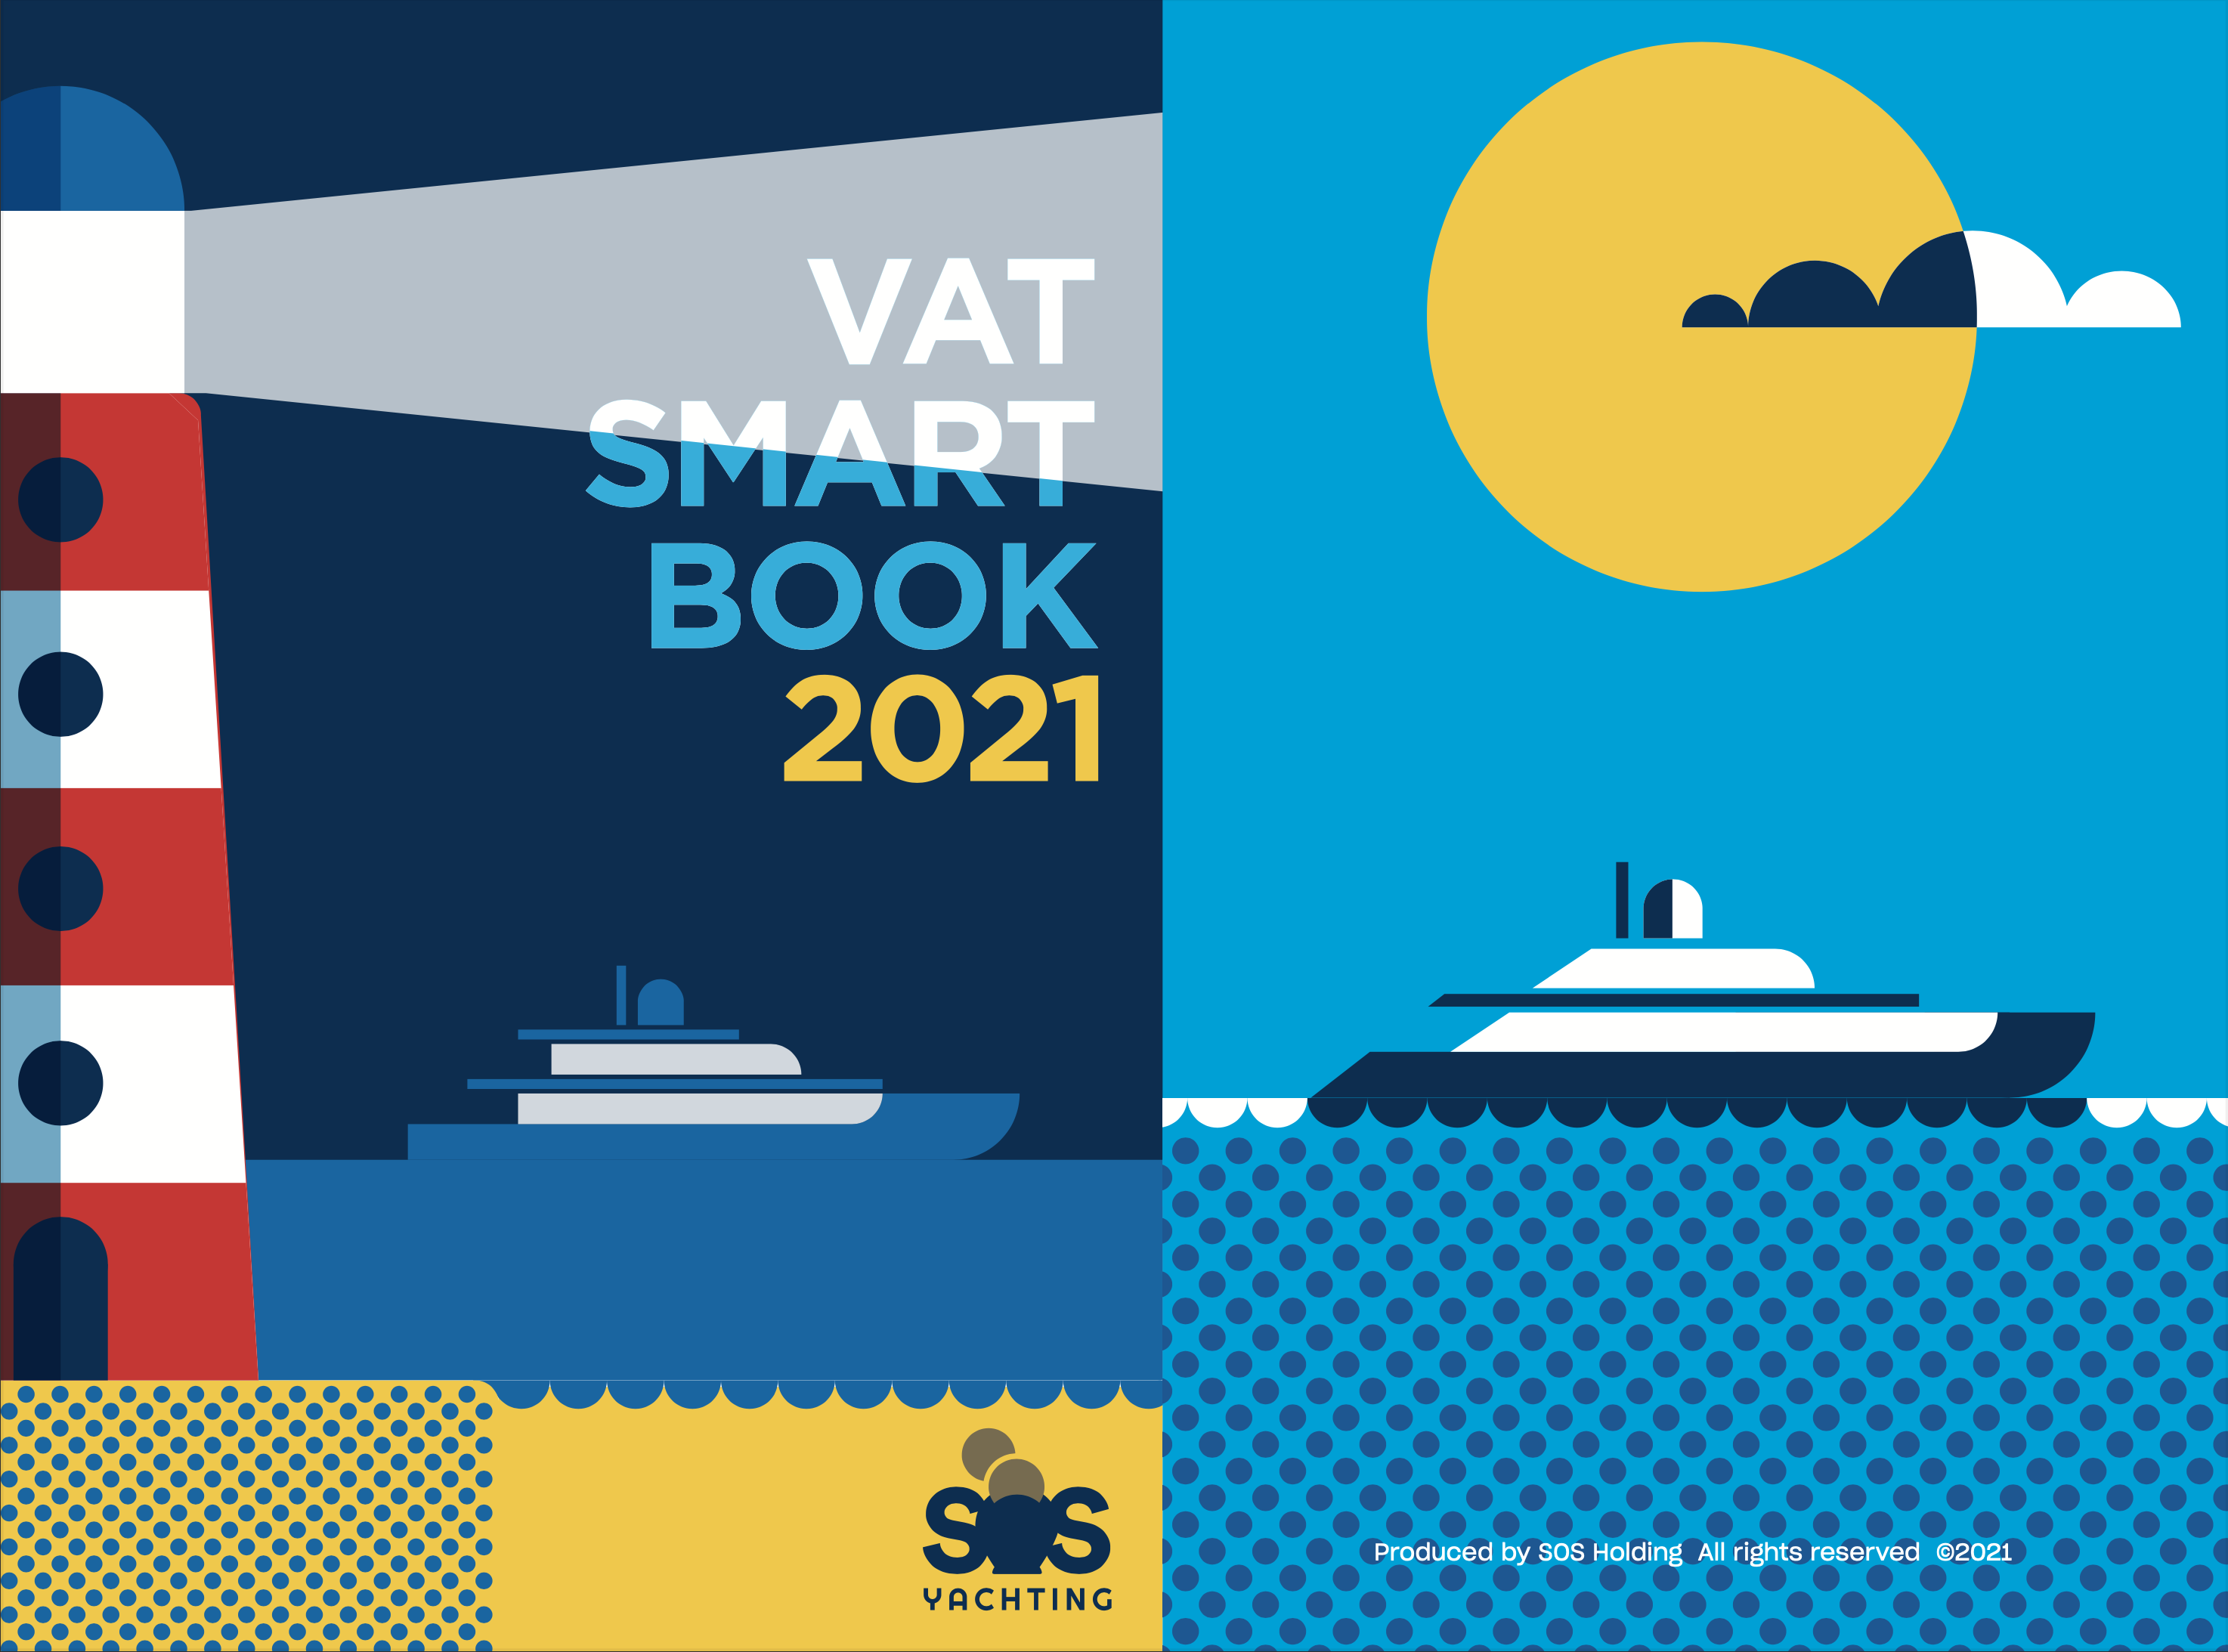 SOS Yachting ya ha publicado VAT Smartbook 2021